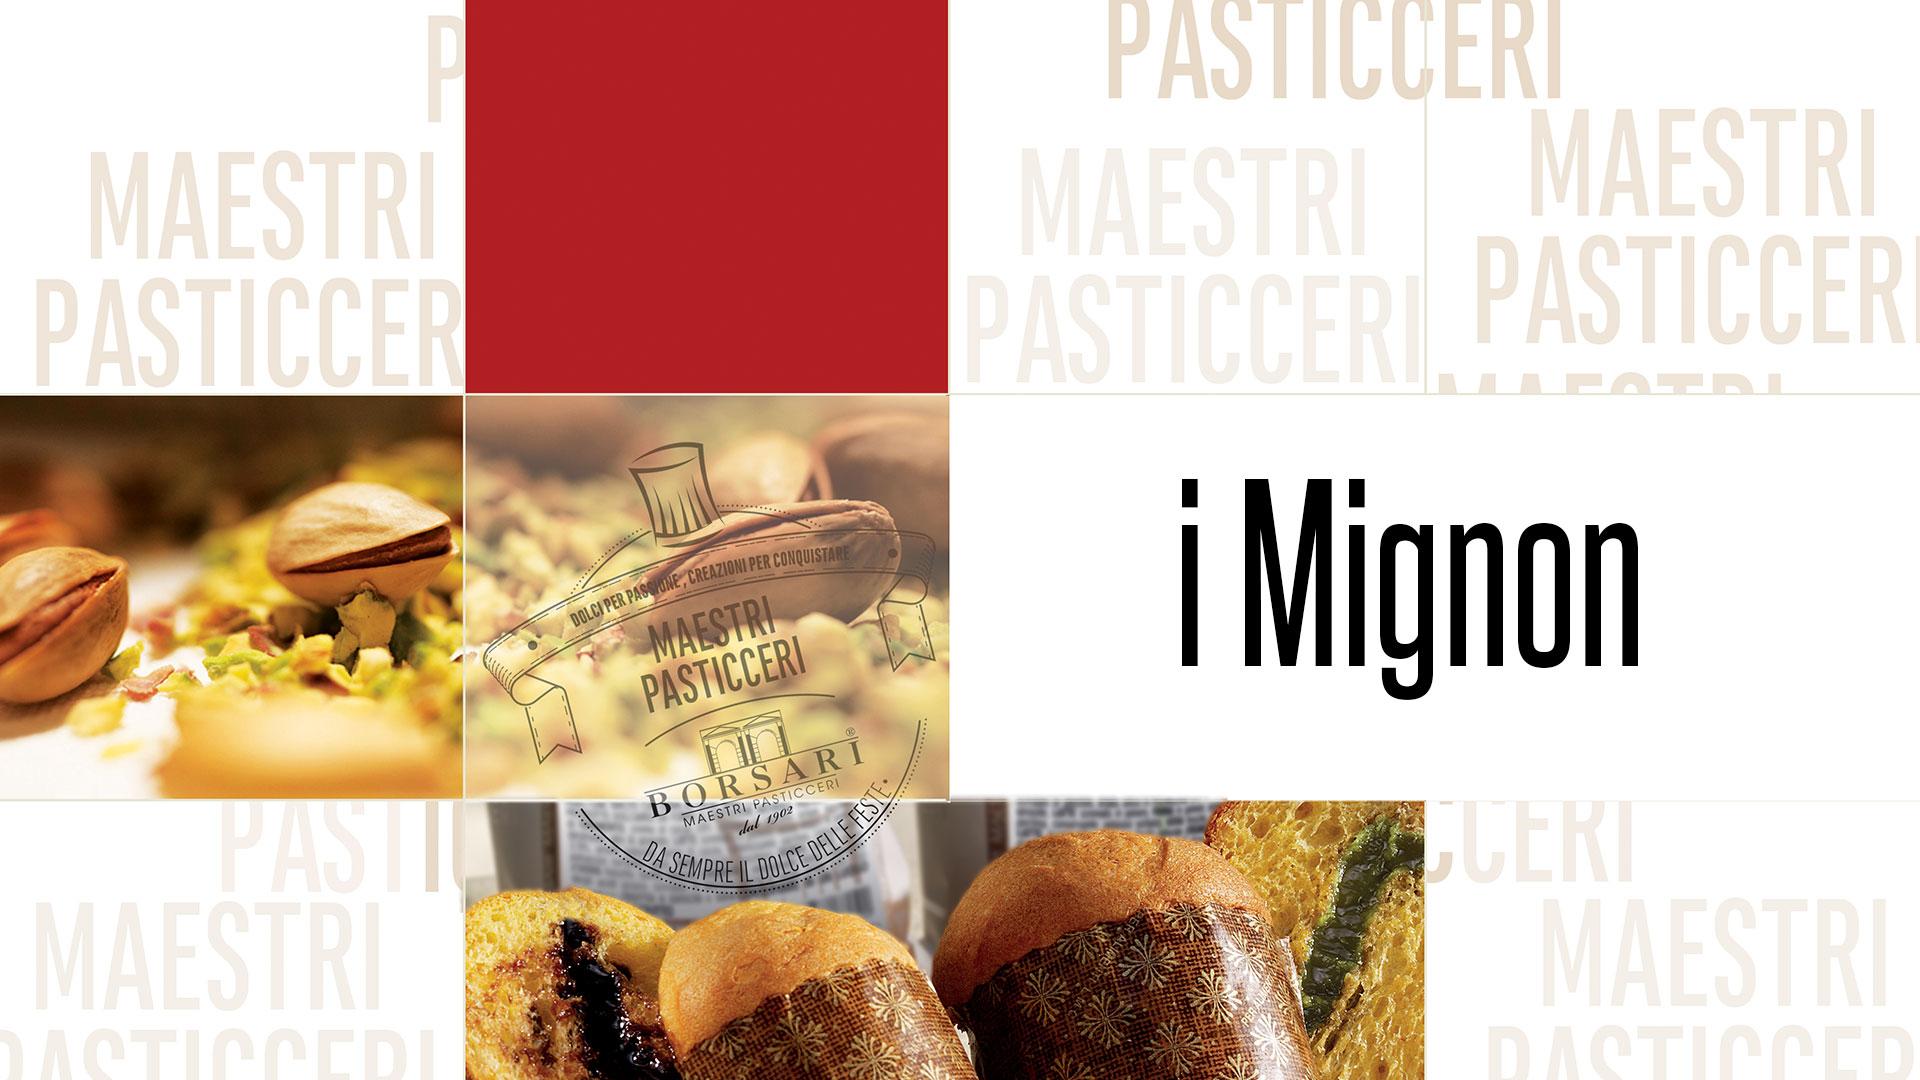 Mignon Maestri Pasticceri Linea divisore